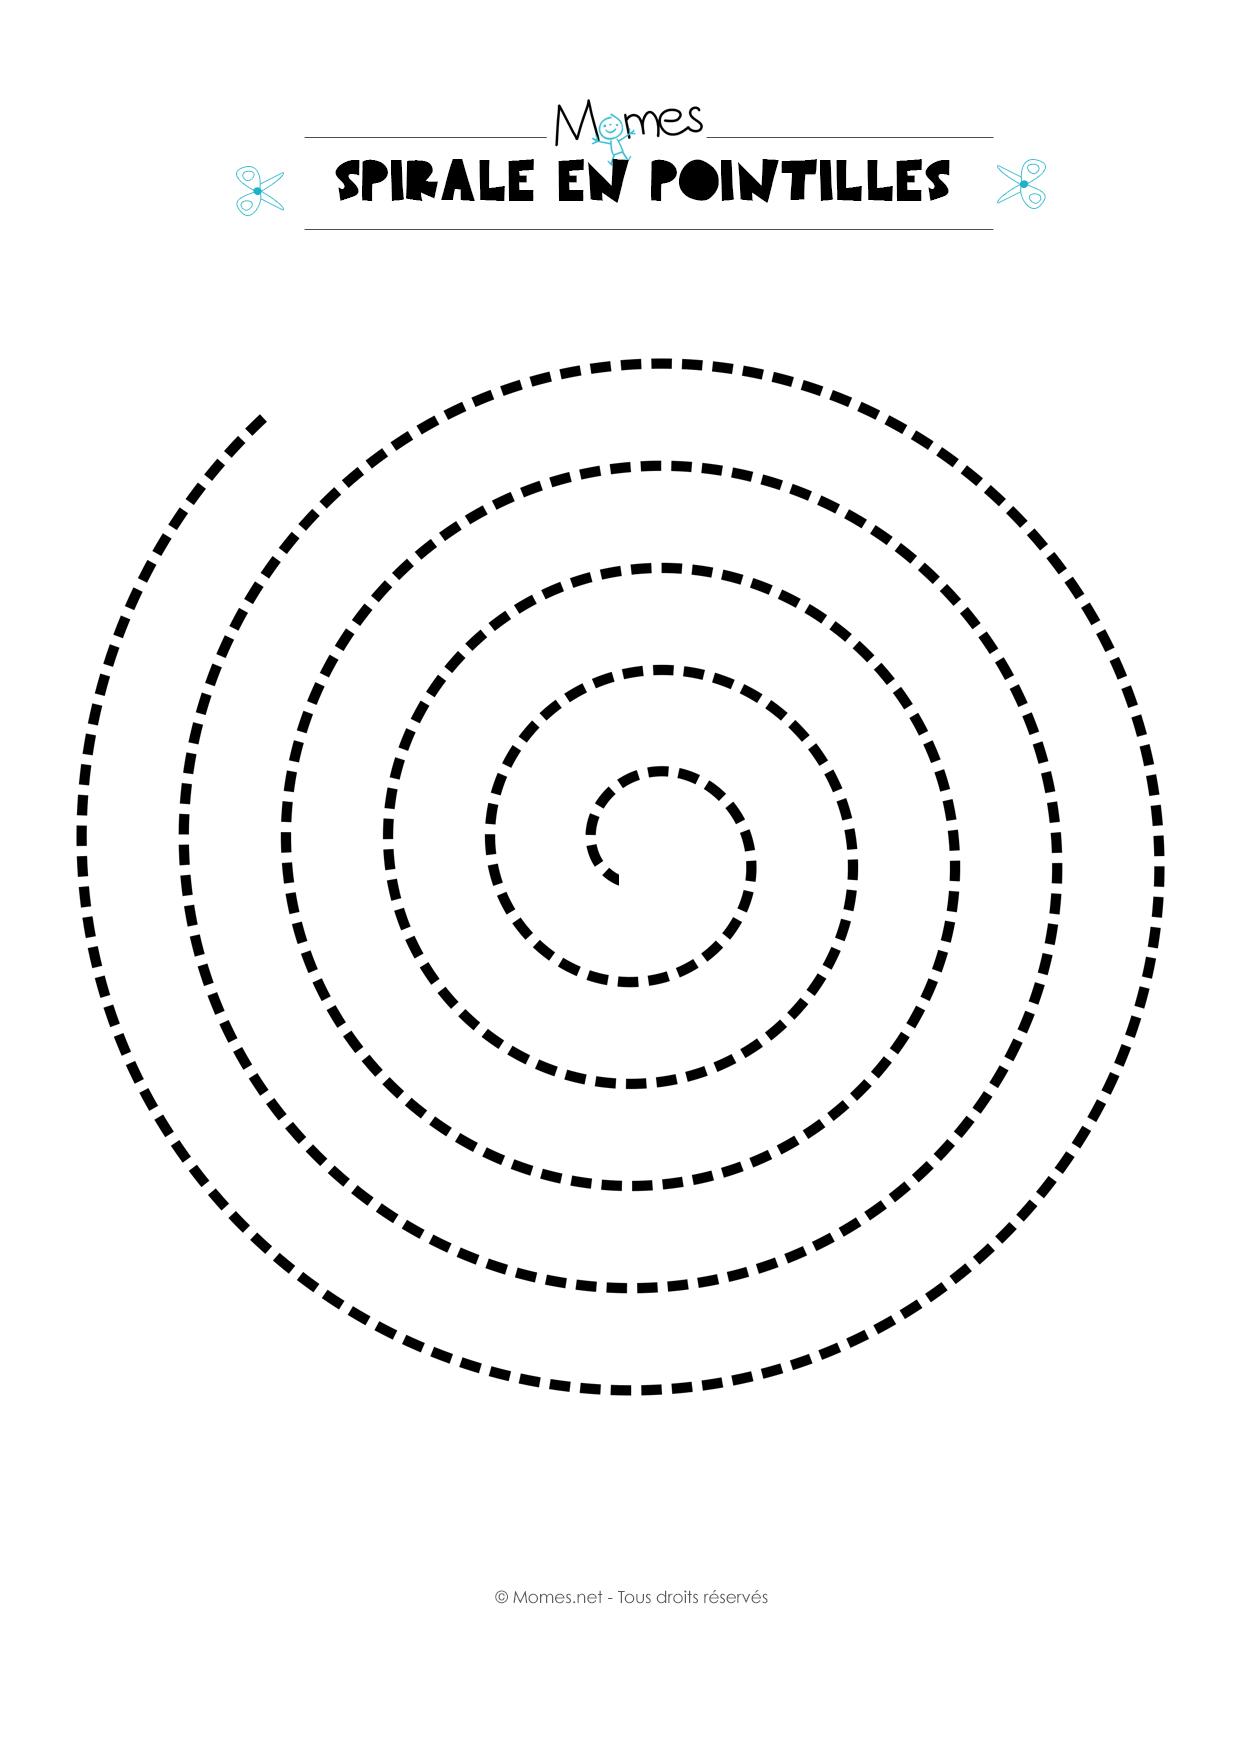 Populaire Modèle de spirale en pointillés - Momes.net IR91